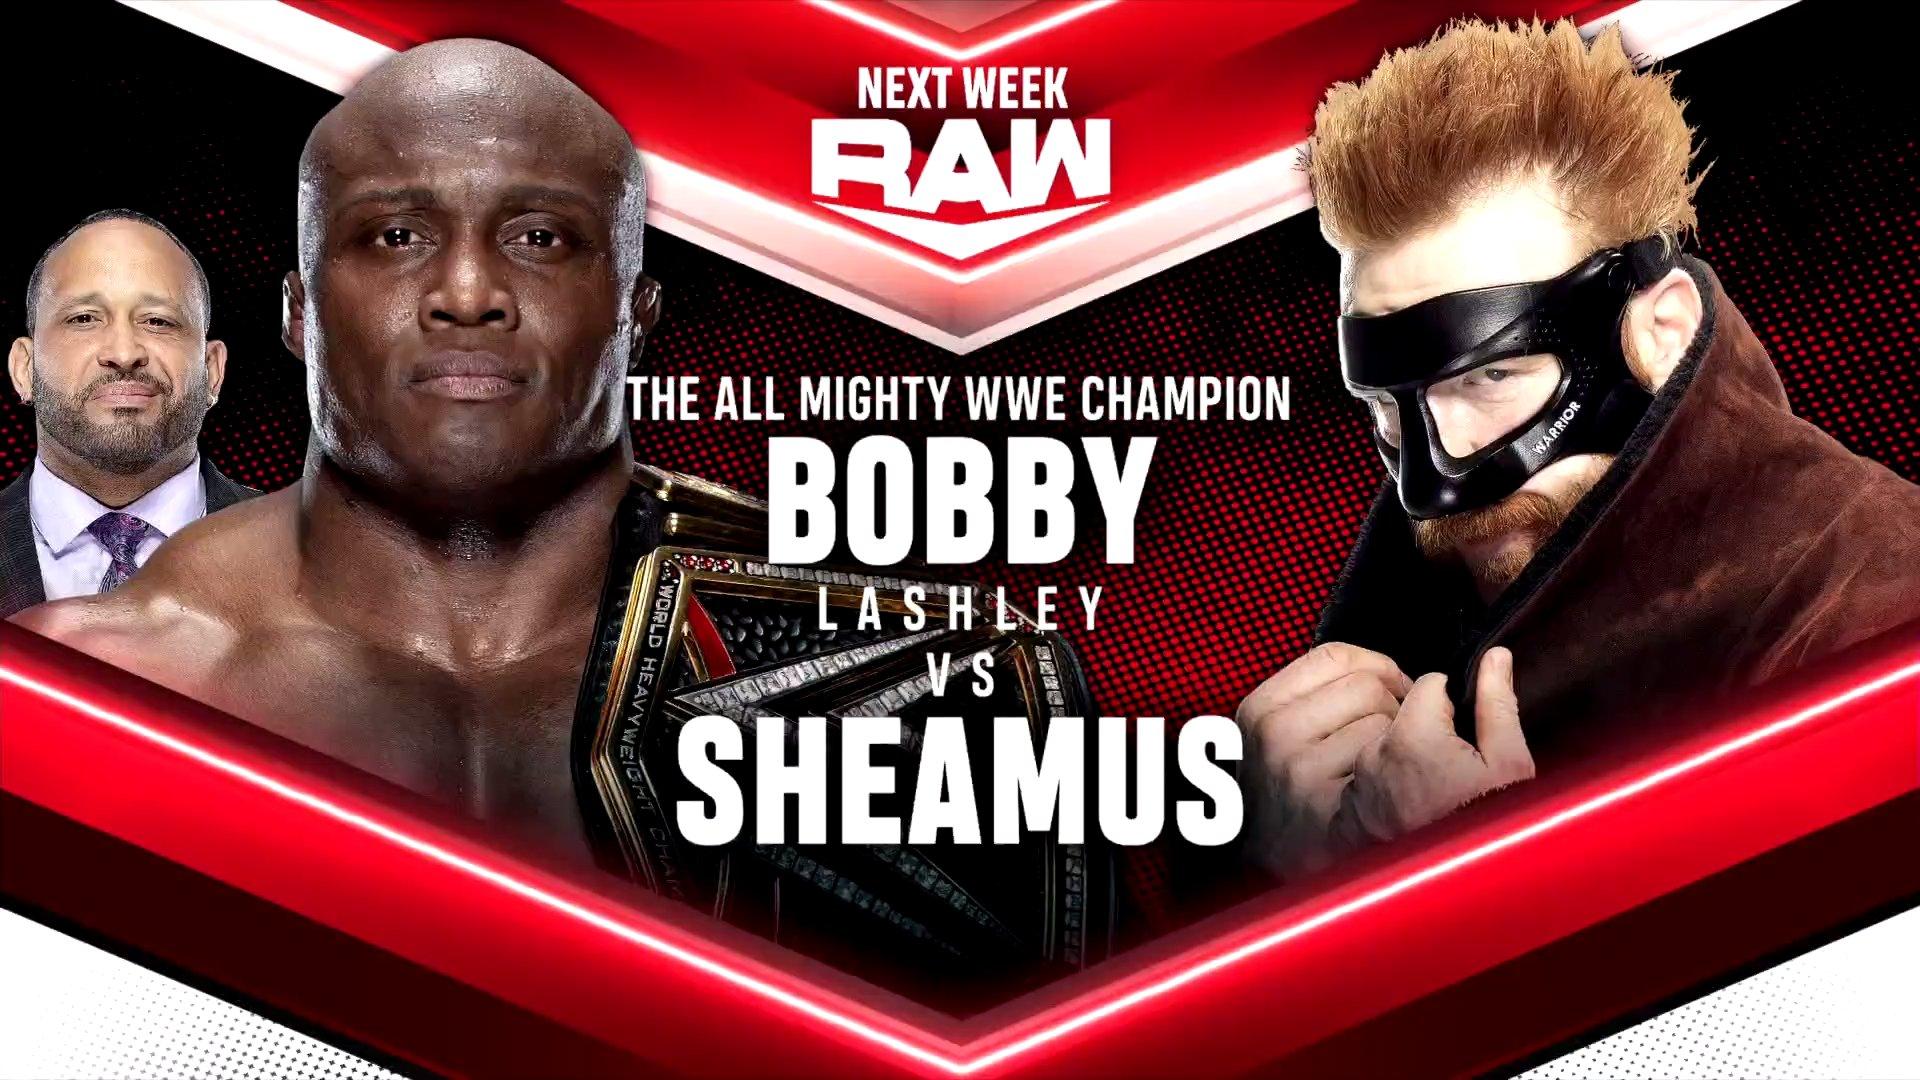 Três grandes combates são anunciados para o próximo WWE RAW